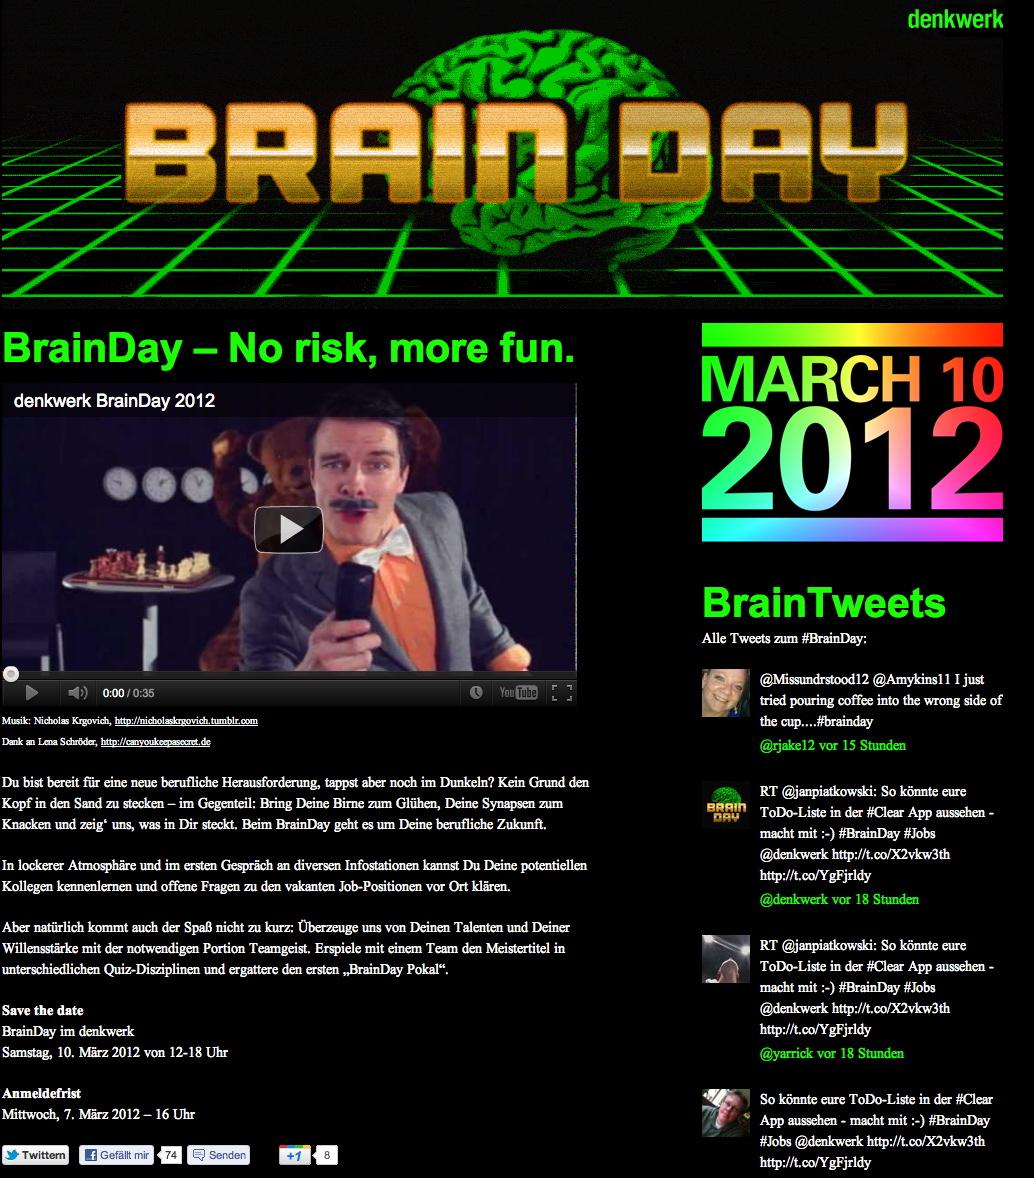 Thumbnail of http://saatkorn.wordpress.com/2012/02/16/neues-zum-thema-recruiting-der-brainday-eine-mischung-aus-job-speeddating-und-quizshow/